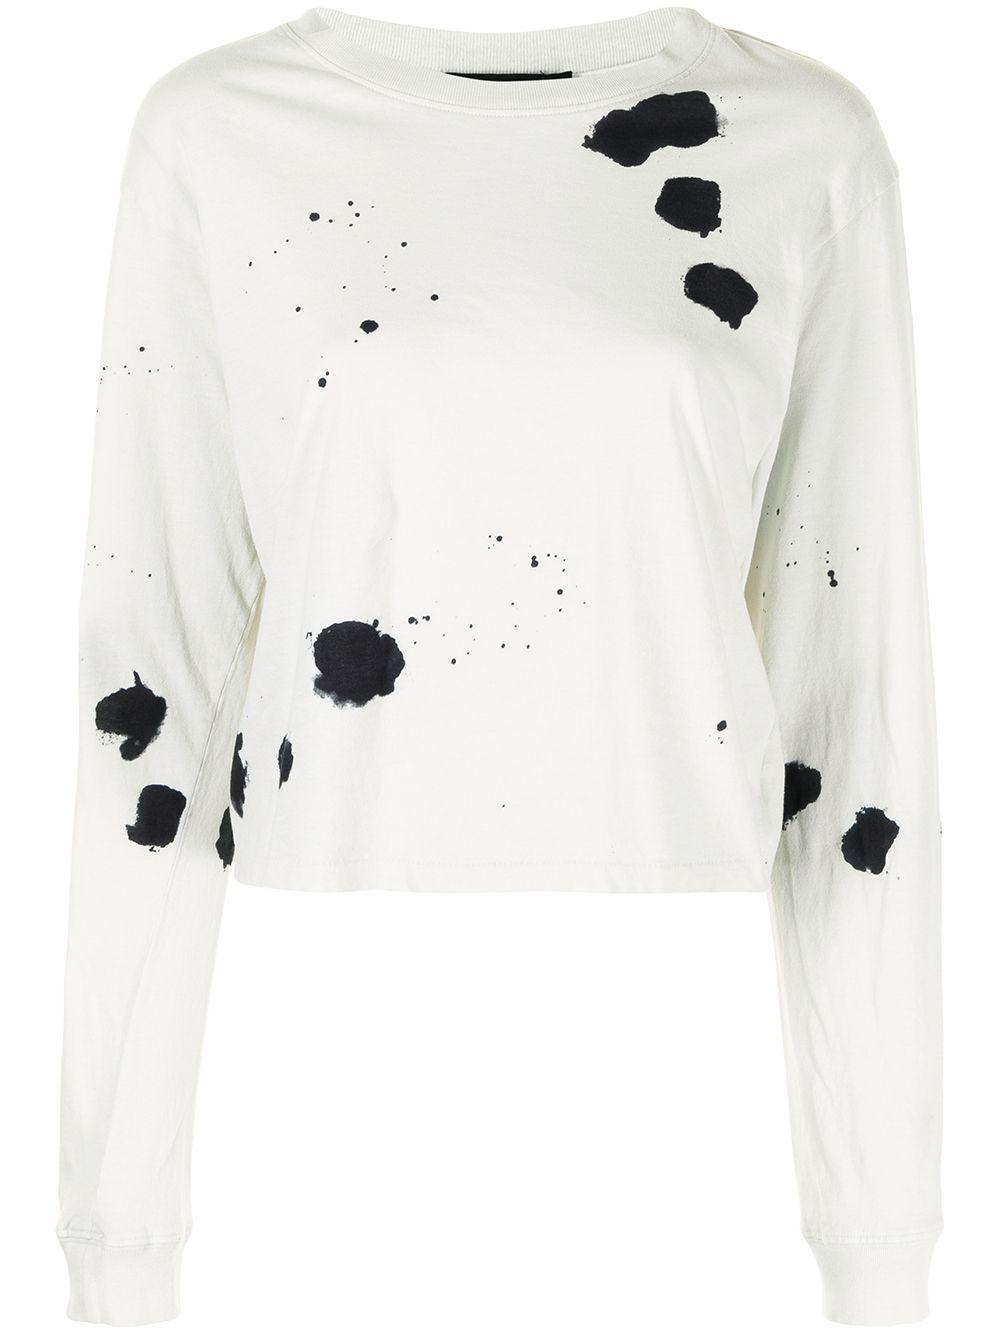 Splatter Dye T-Shirt